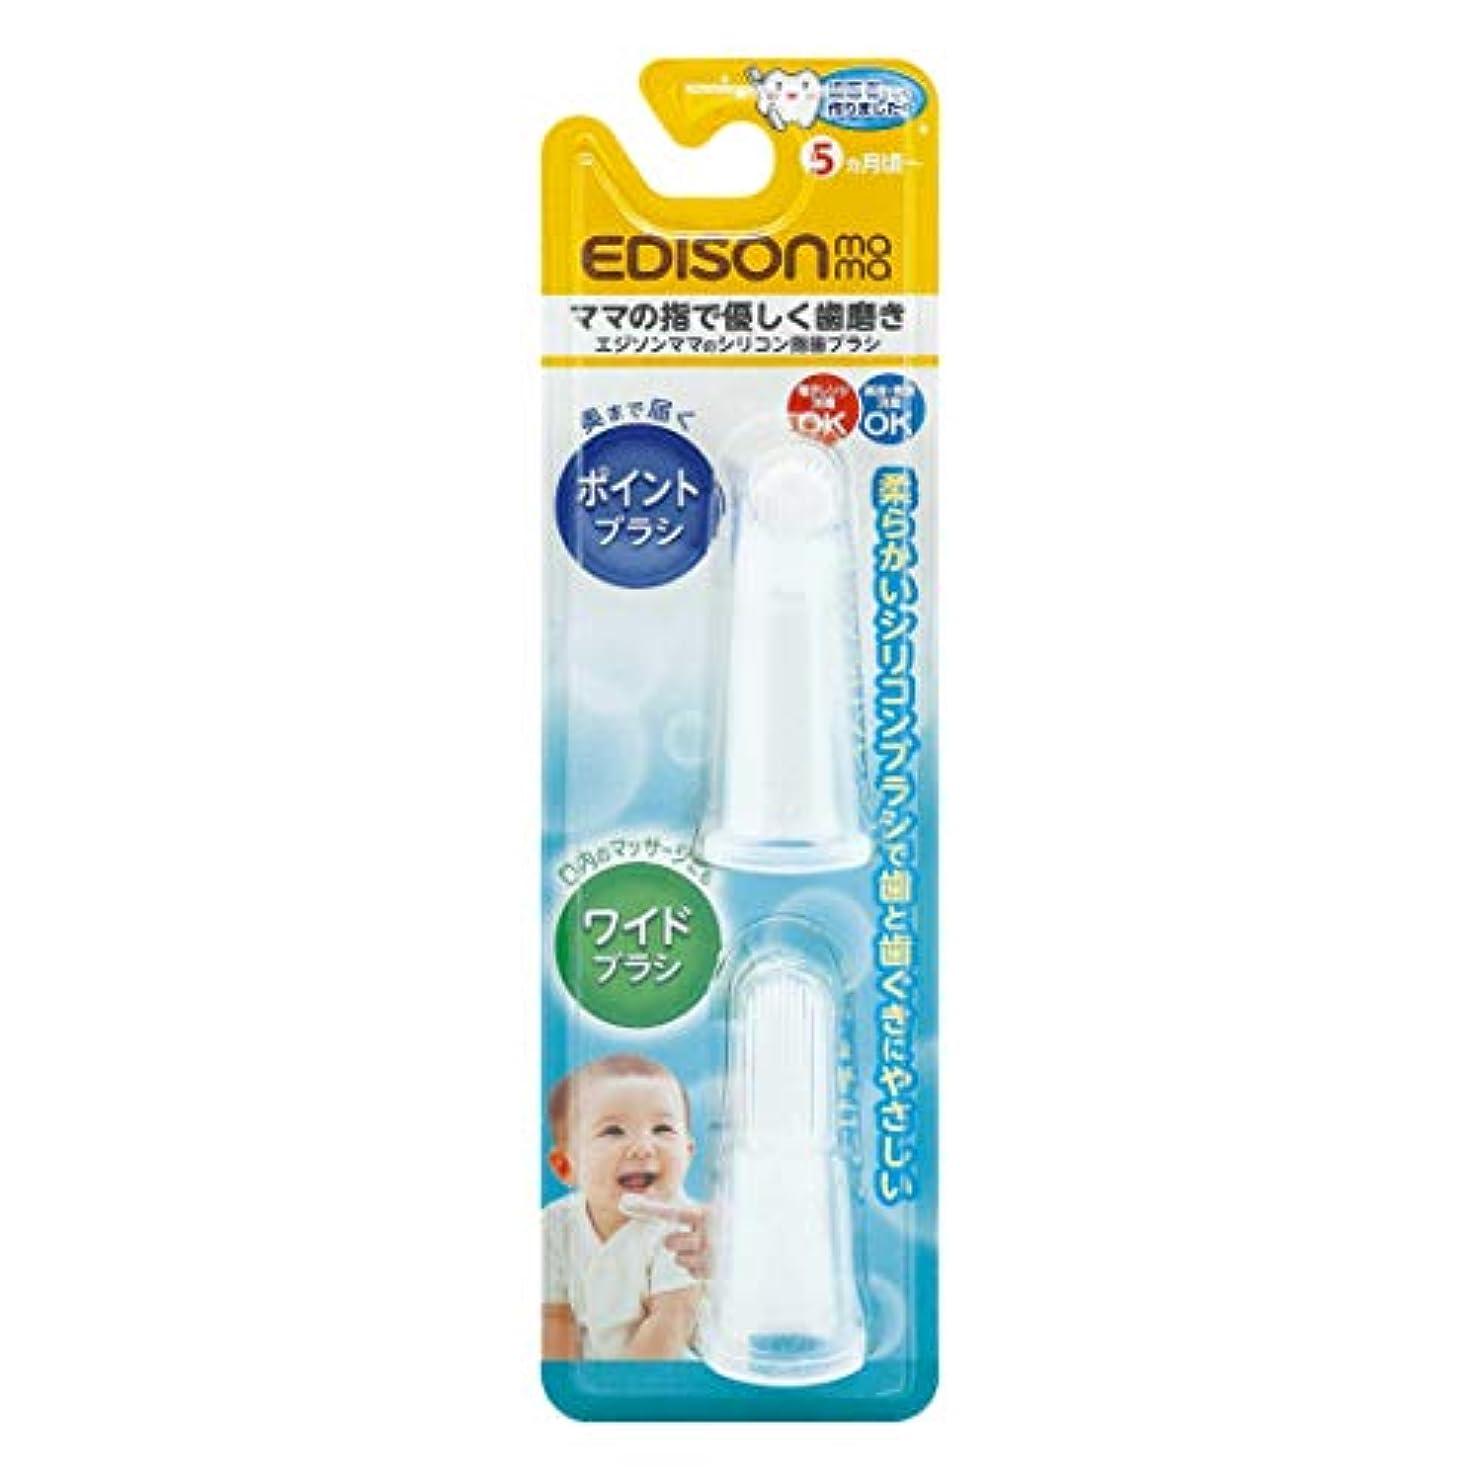 完璧無臭にもかかわらずKJC エジソンママ (EDISONmama) シリコン指歯ブラシ 5ヶ月頃から対象